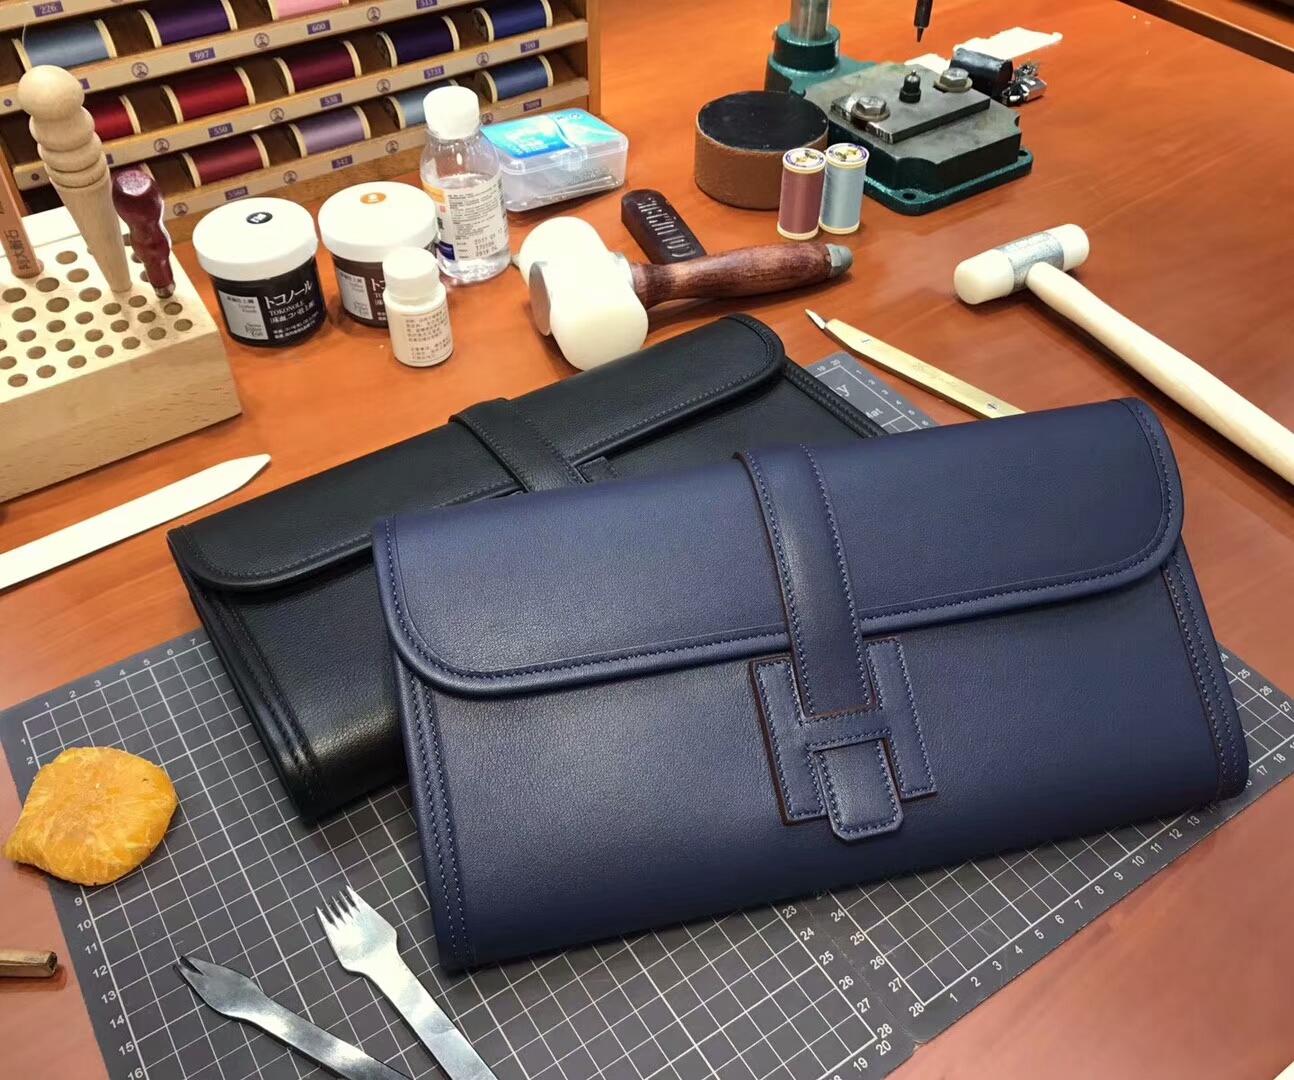 CC73 宝石蓝 Blue Saphir HERMES 爱马仕 手包 配全套专柜原版包装 全球发售